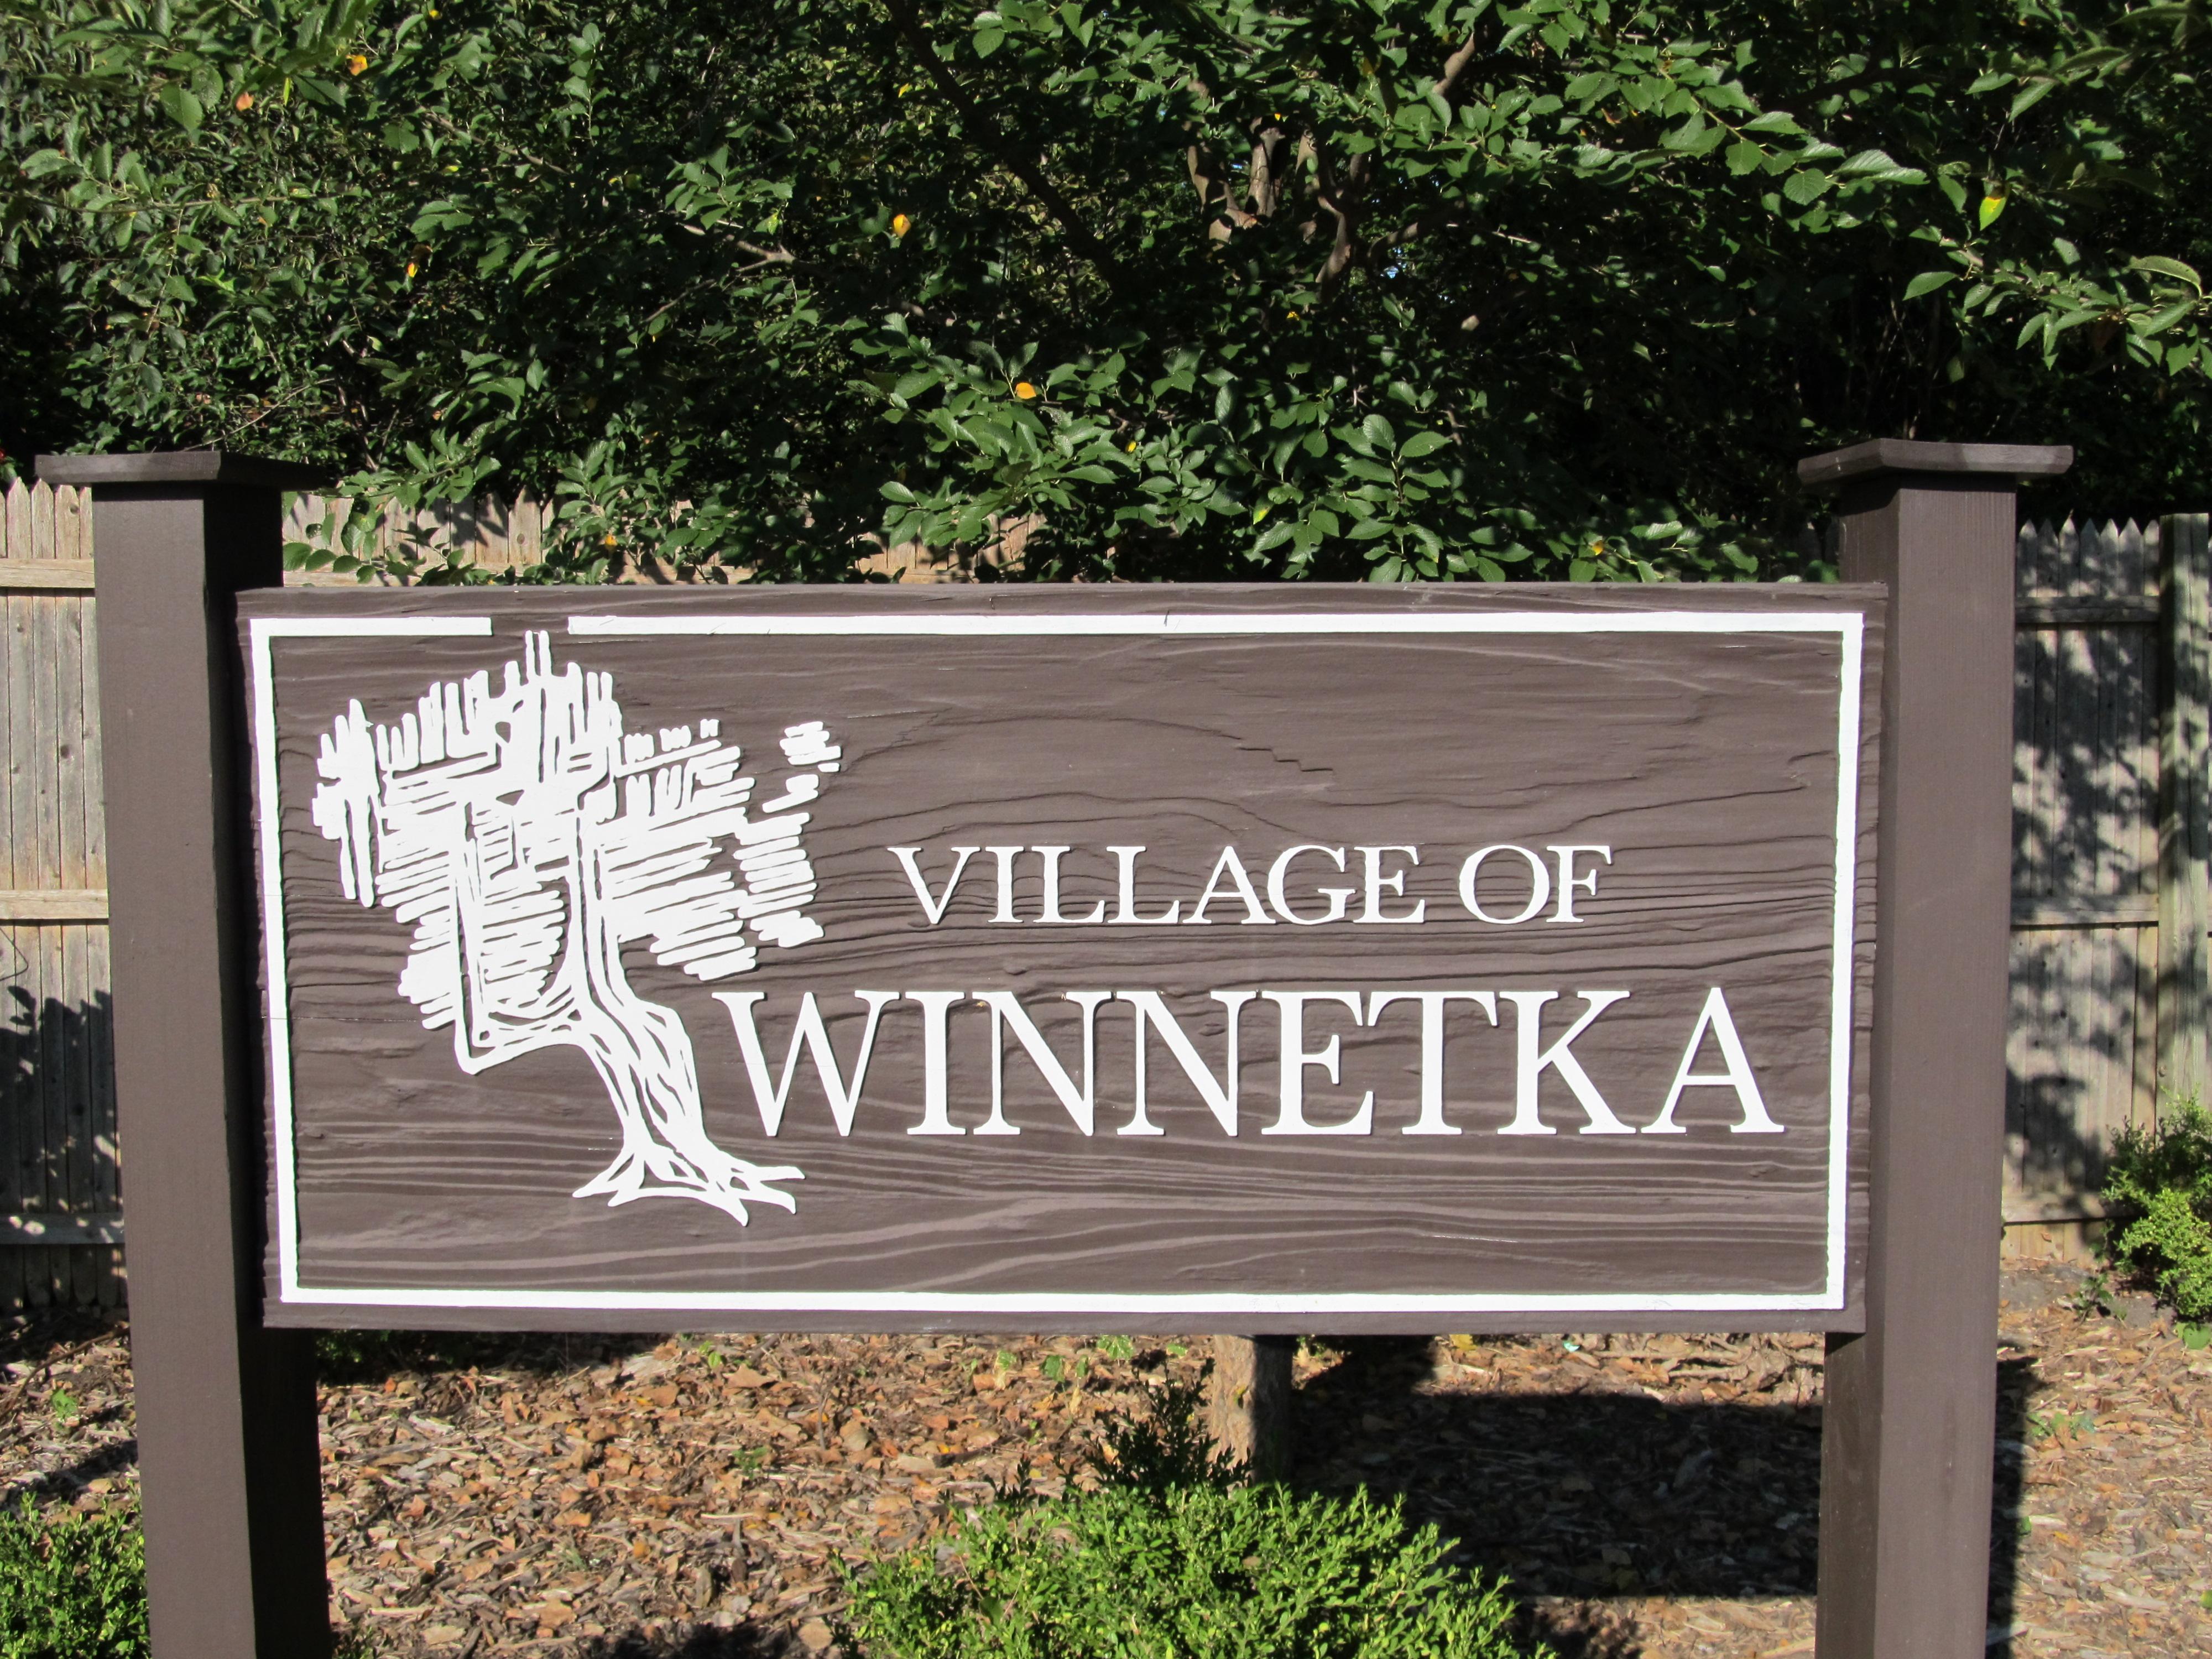 garage door repair service in Winnetka, IL